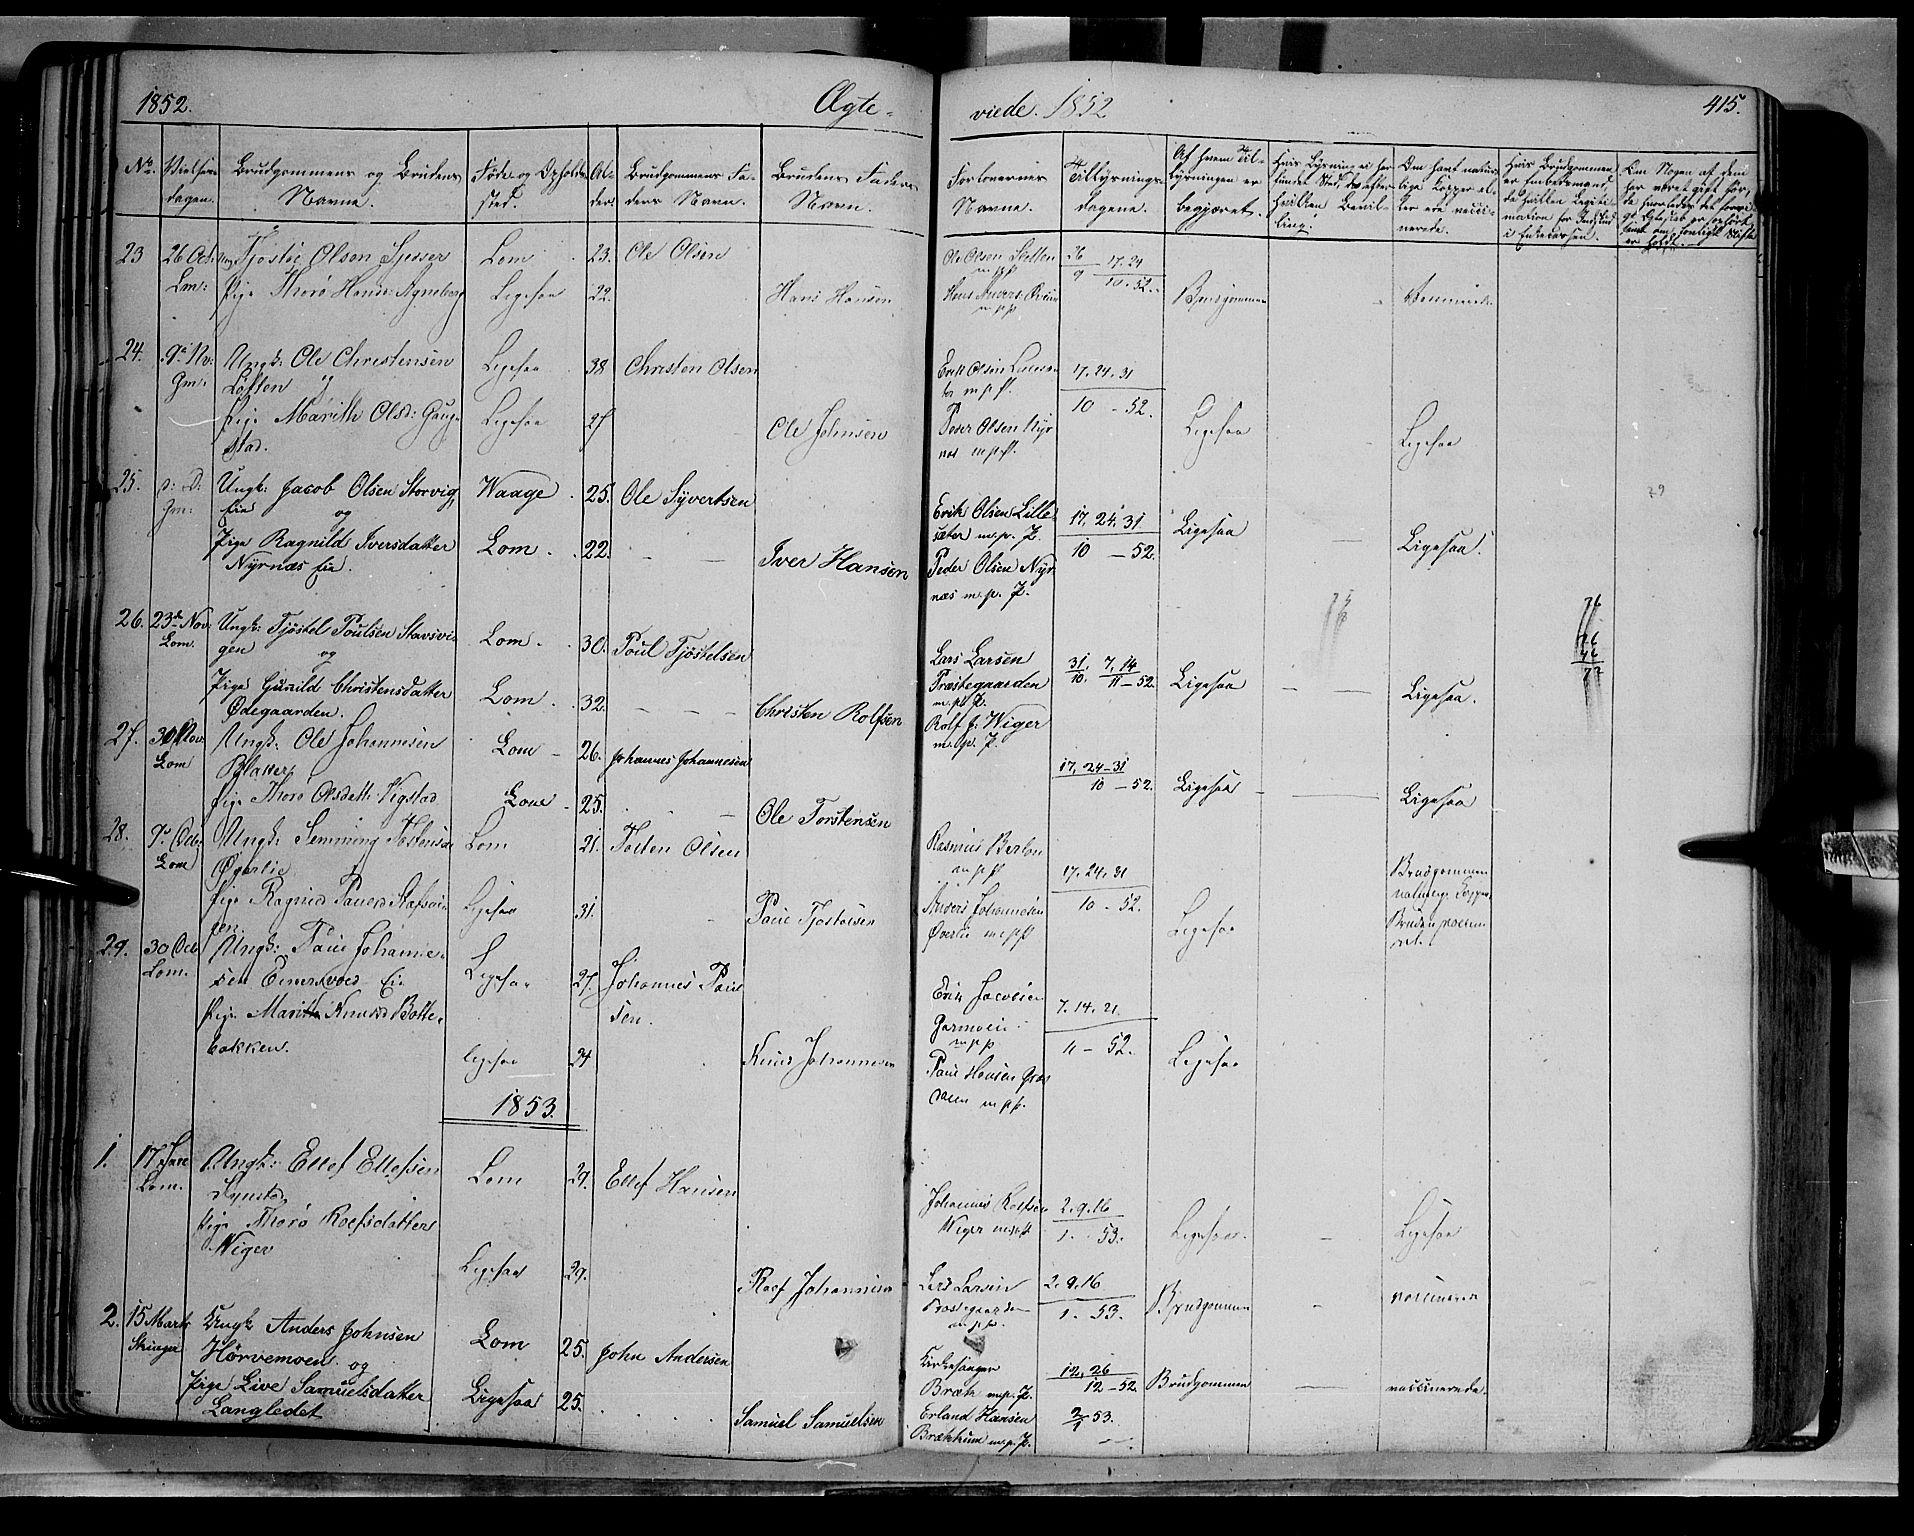 SAH, Lom prestekontor, K/L0006: Ministerialbok nr. 6B, 1837-1863, s. 415